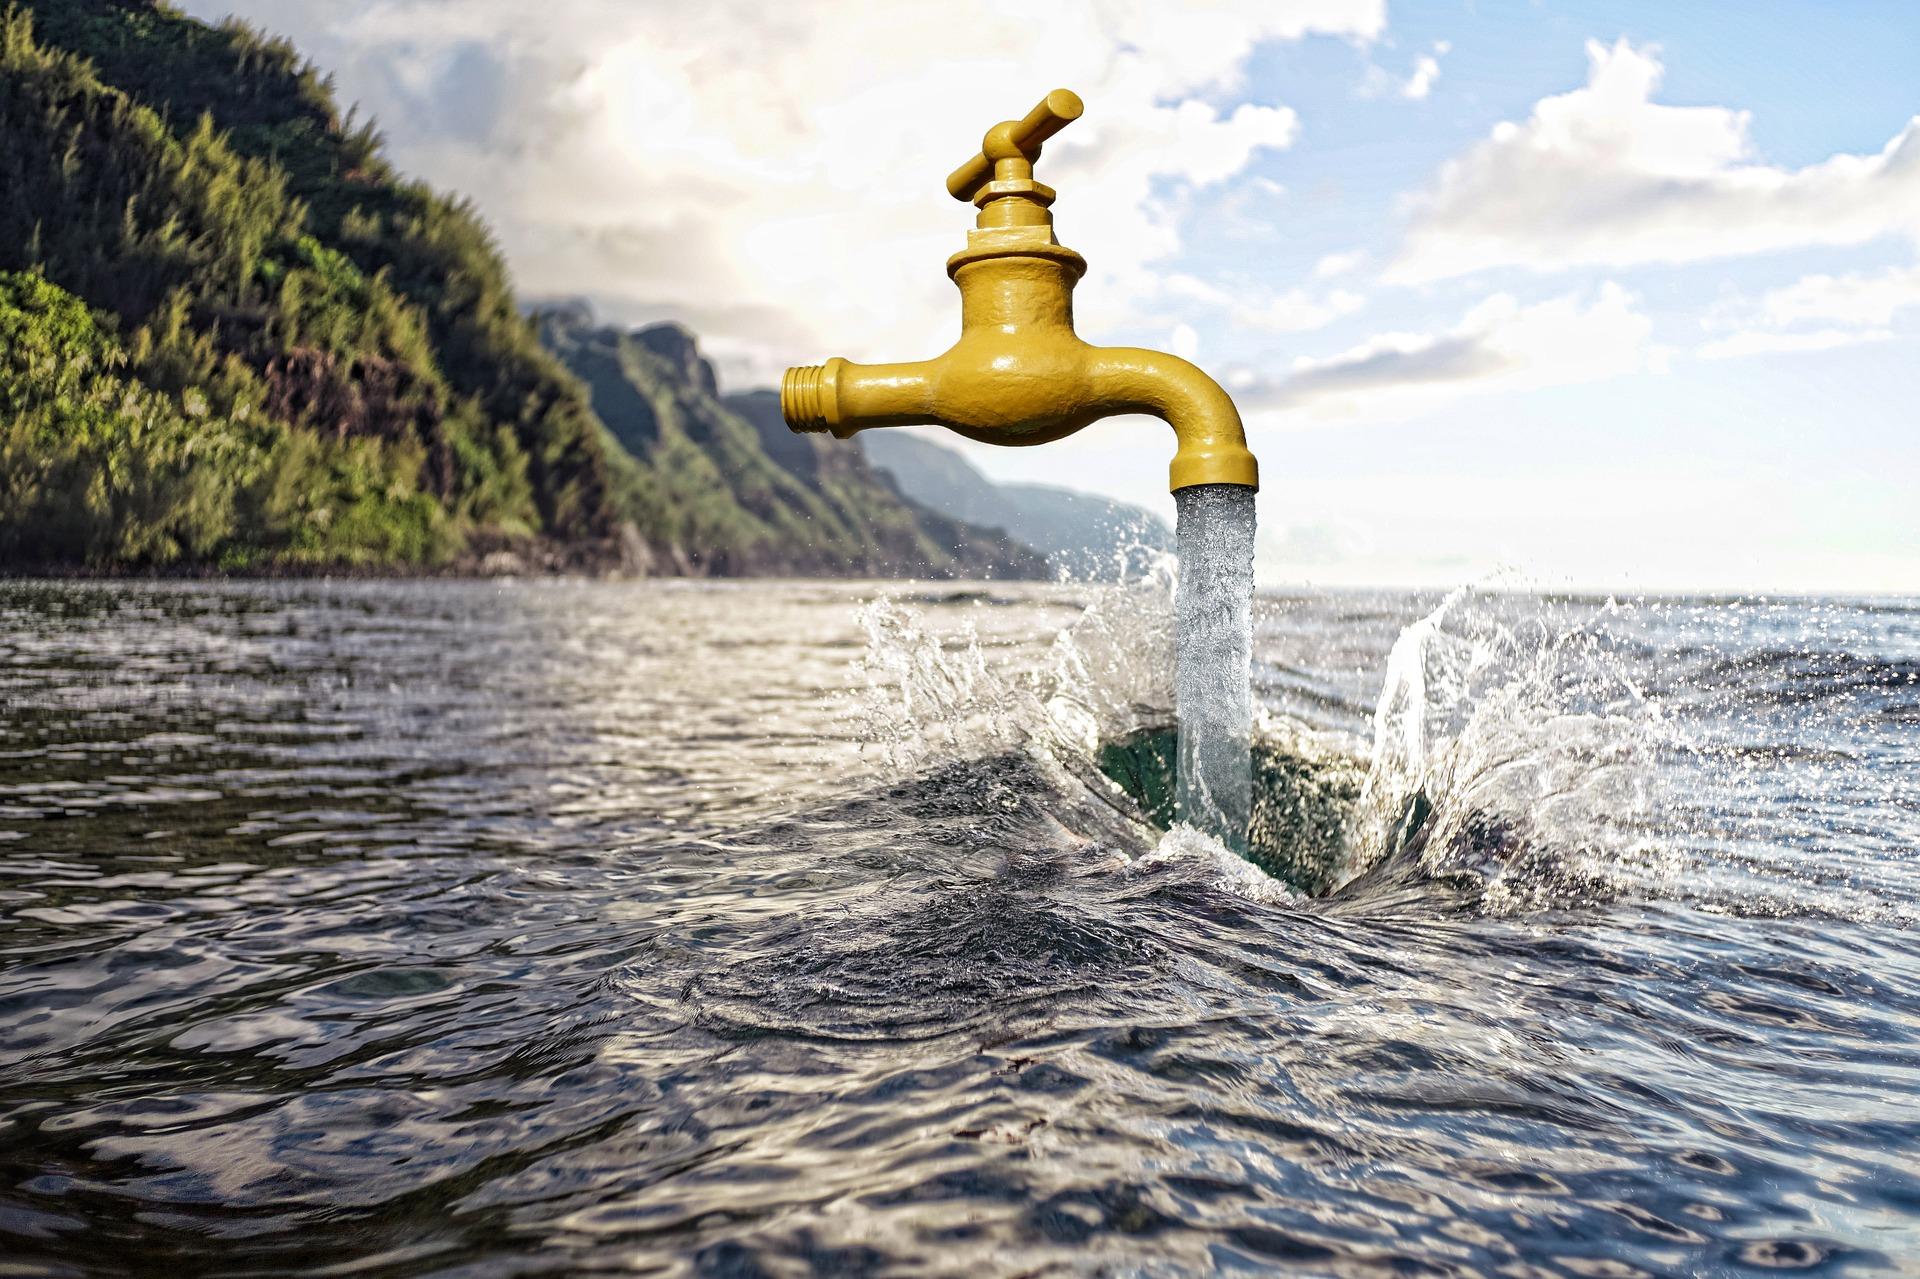 eau-gaspillage